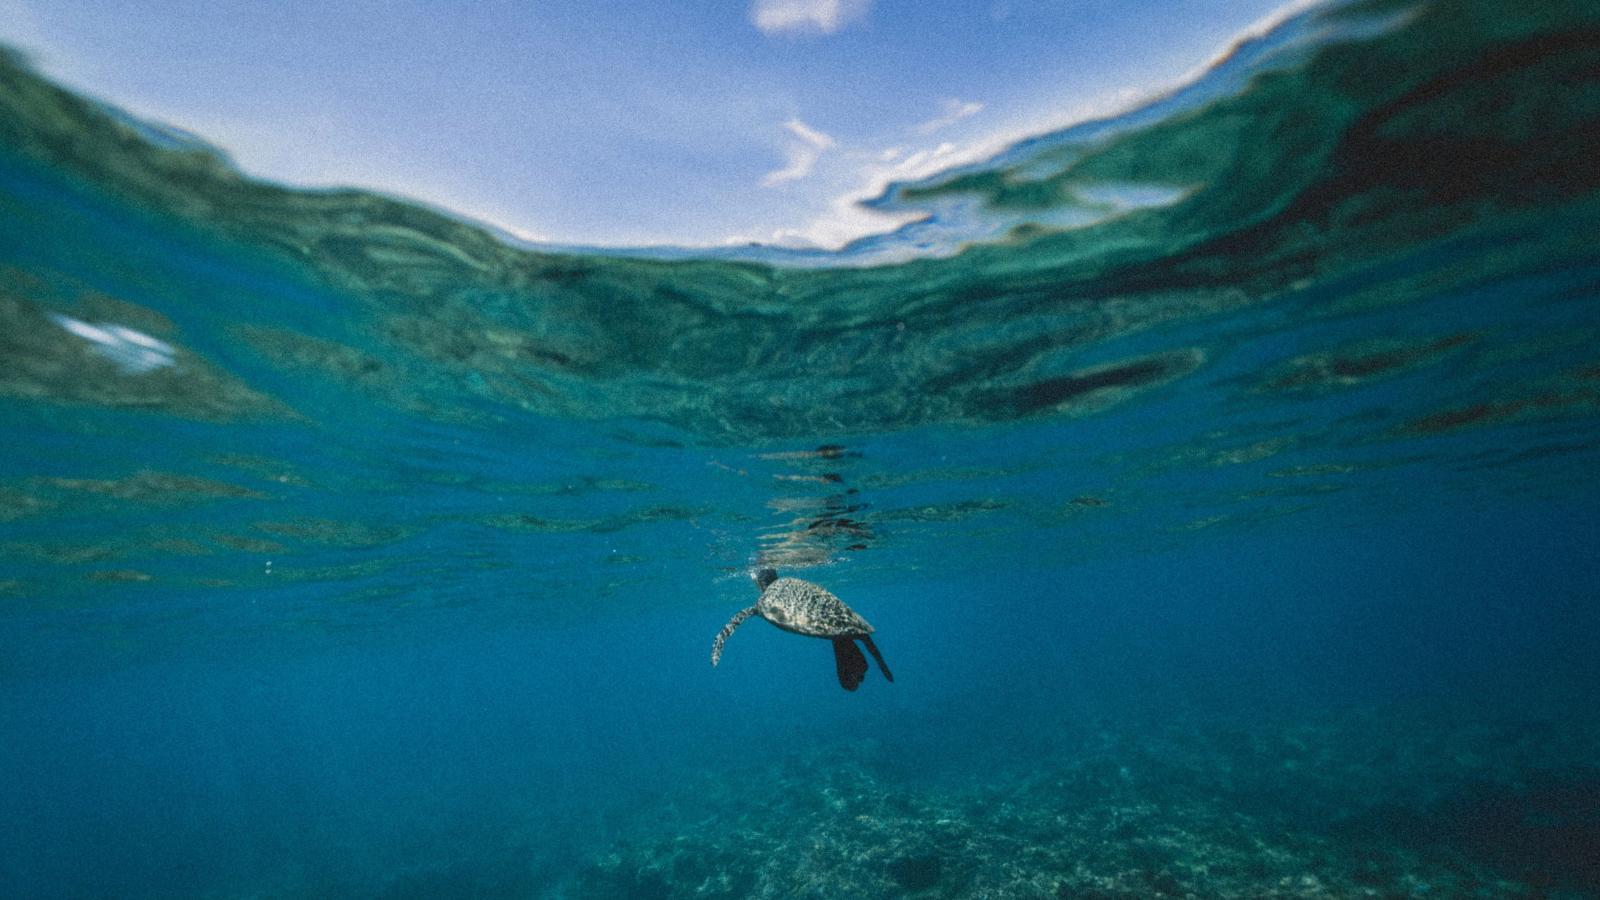 حرارة المحيطات ترتفع في اتجاه يدمّر الحياة البحرية! !